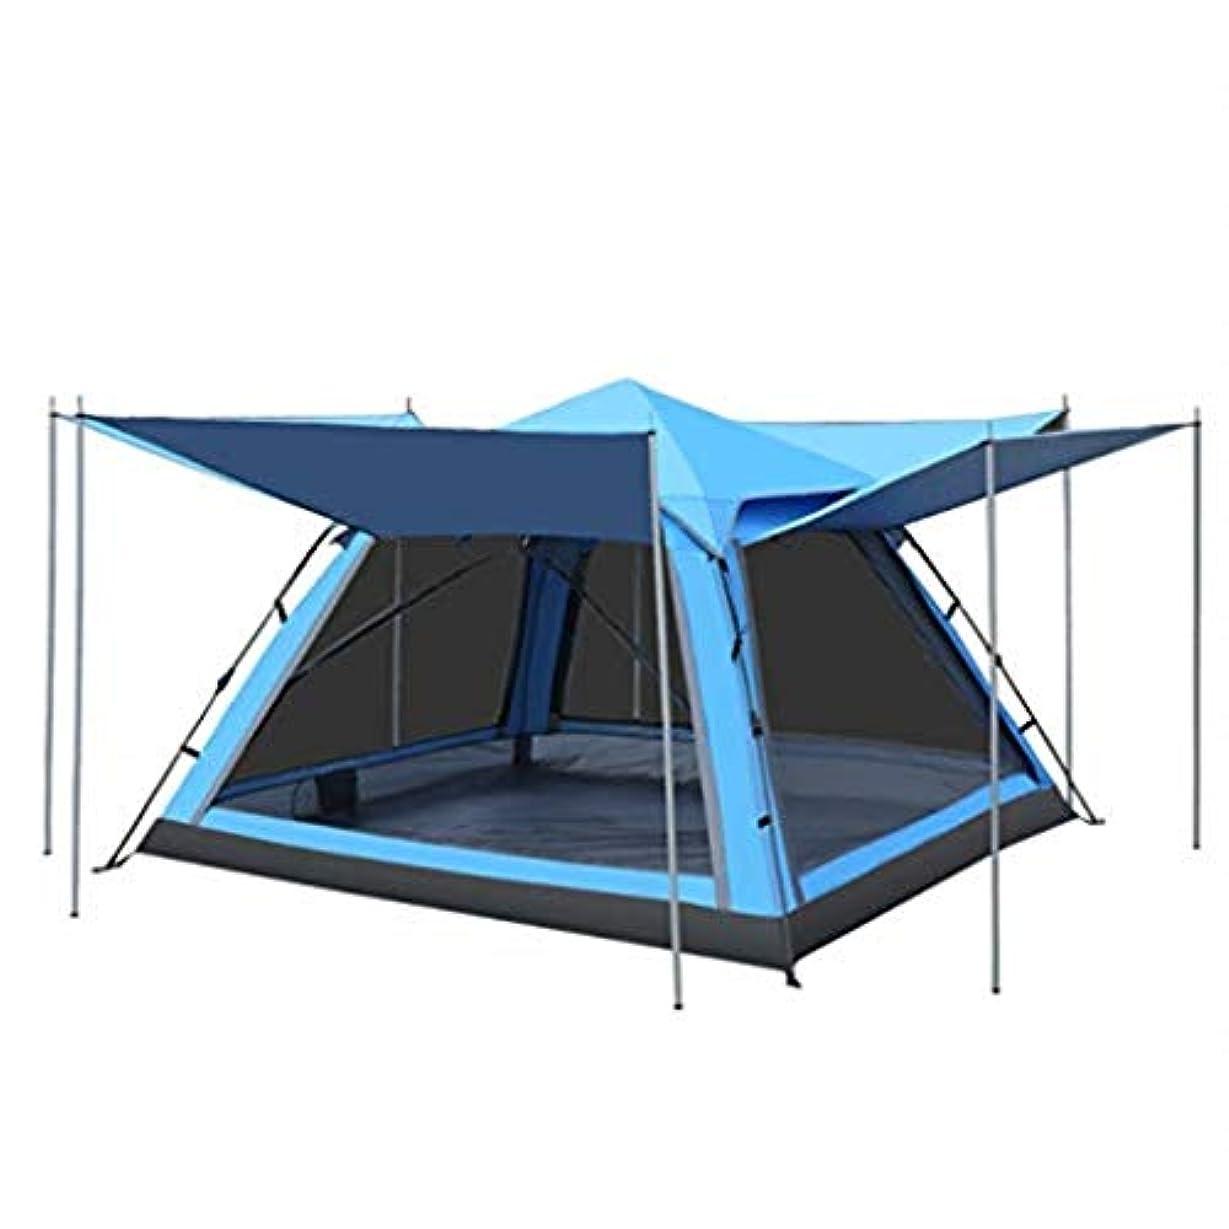 出演者州安全性キャノピーテント屋外キャンプ用ポータブルテント